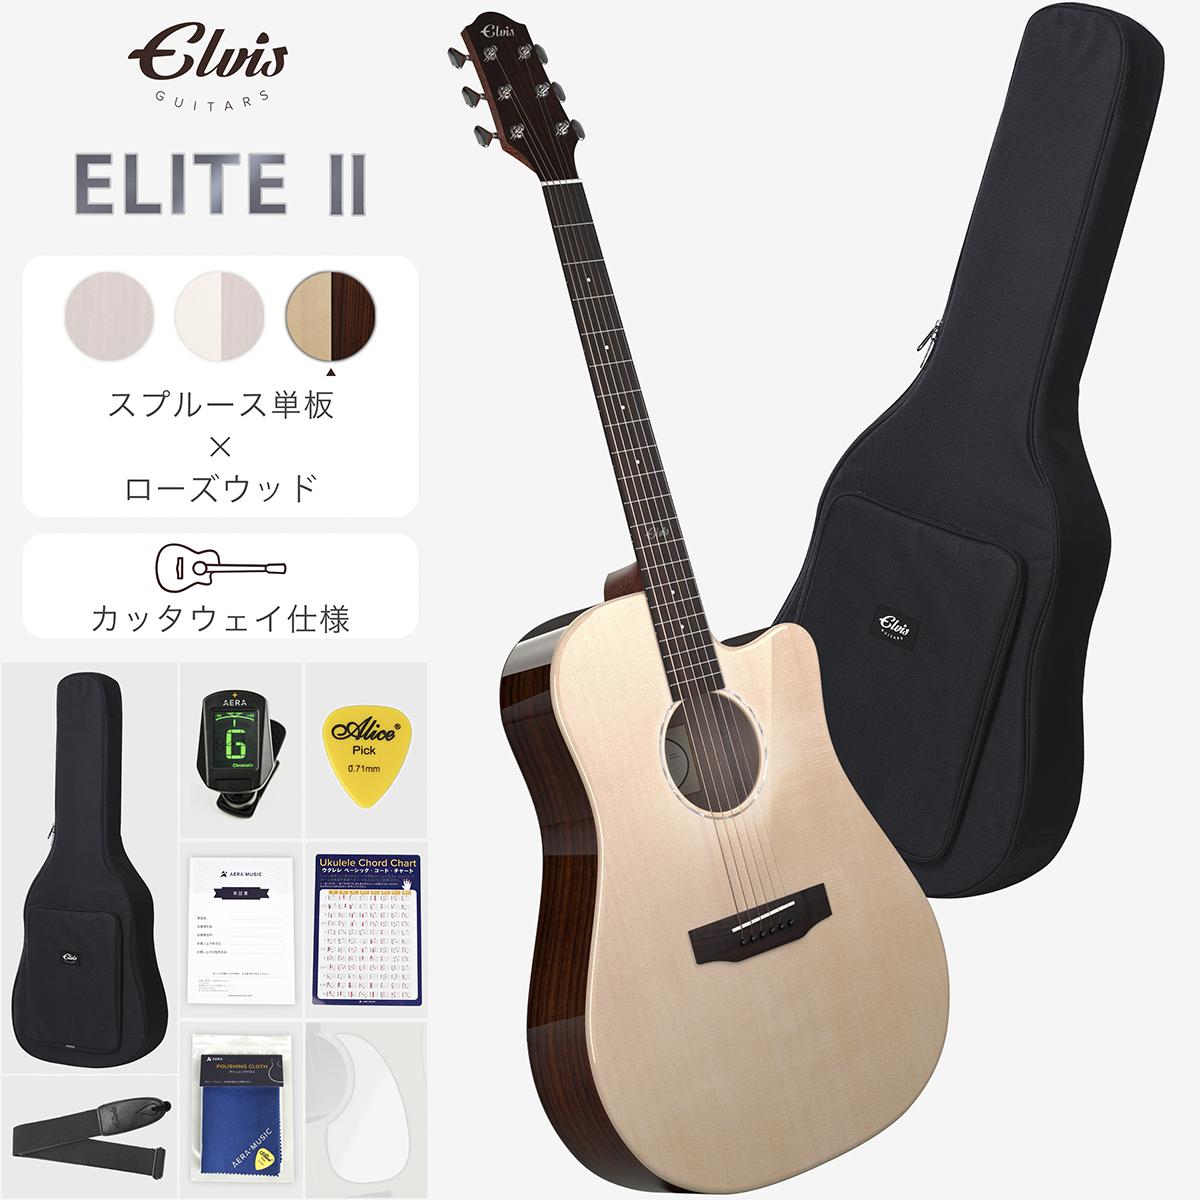 ELVISエルビス Elite2(エリート2)アコースティック ギター【スプルース材トップ単板×ローズウッド材】【カッタウェイ仕様】【付属品8点セット:国内保証書・チューナー・ピックガード・コードチャート・ピック・ストラップ・ポリシングクロース・純正ギグバッグ】